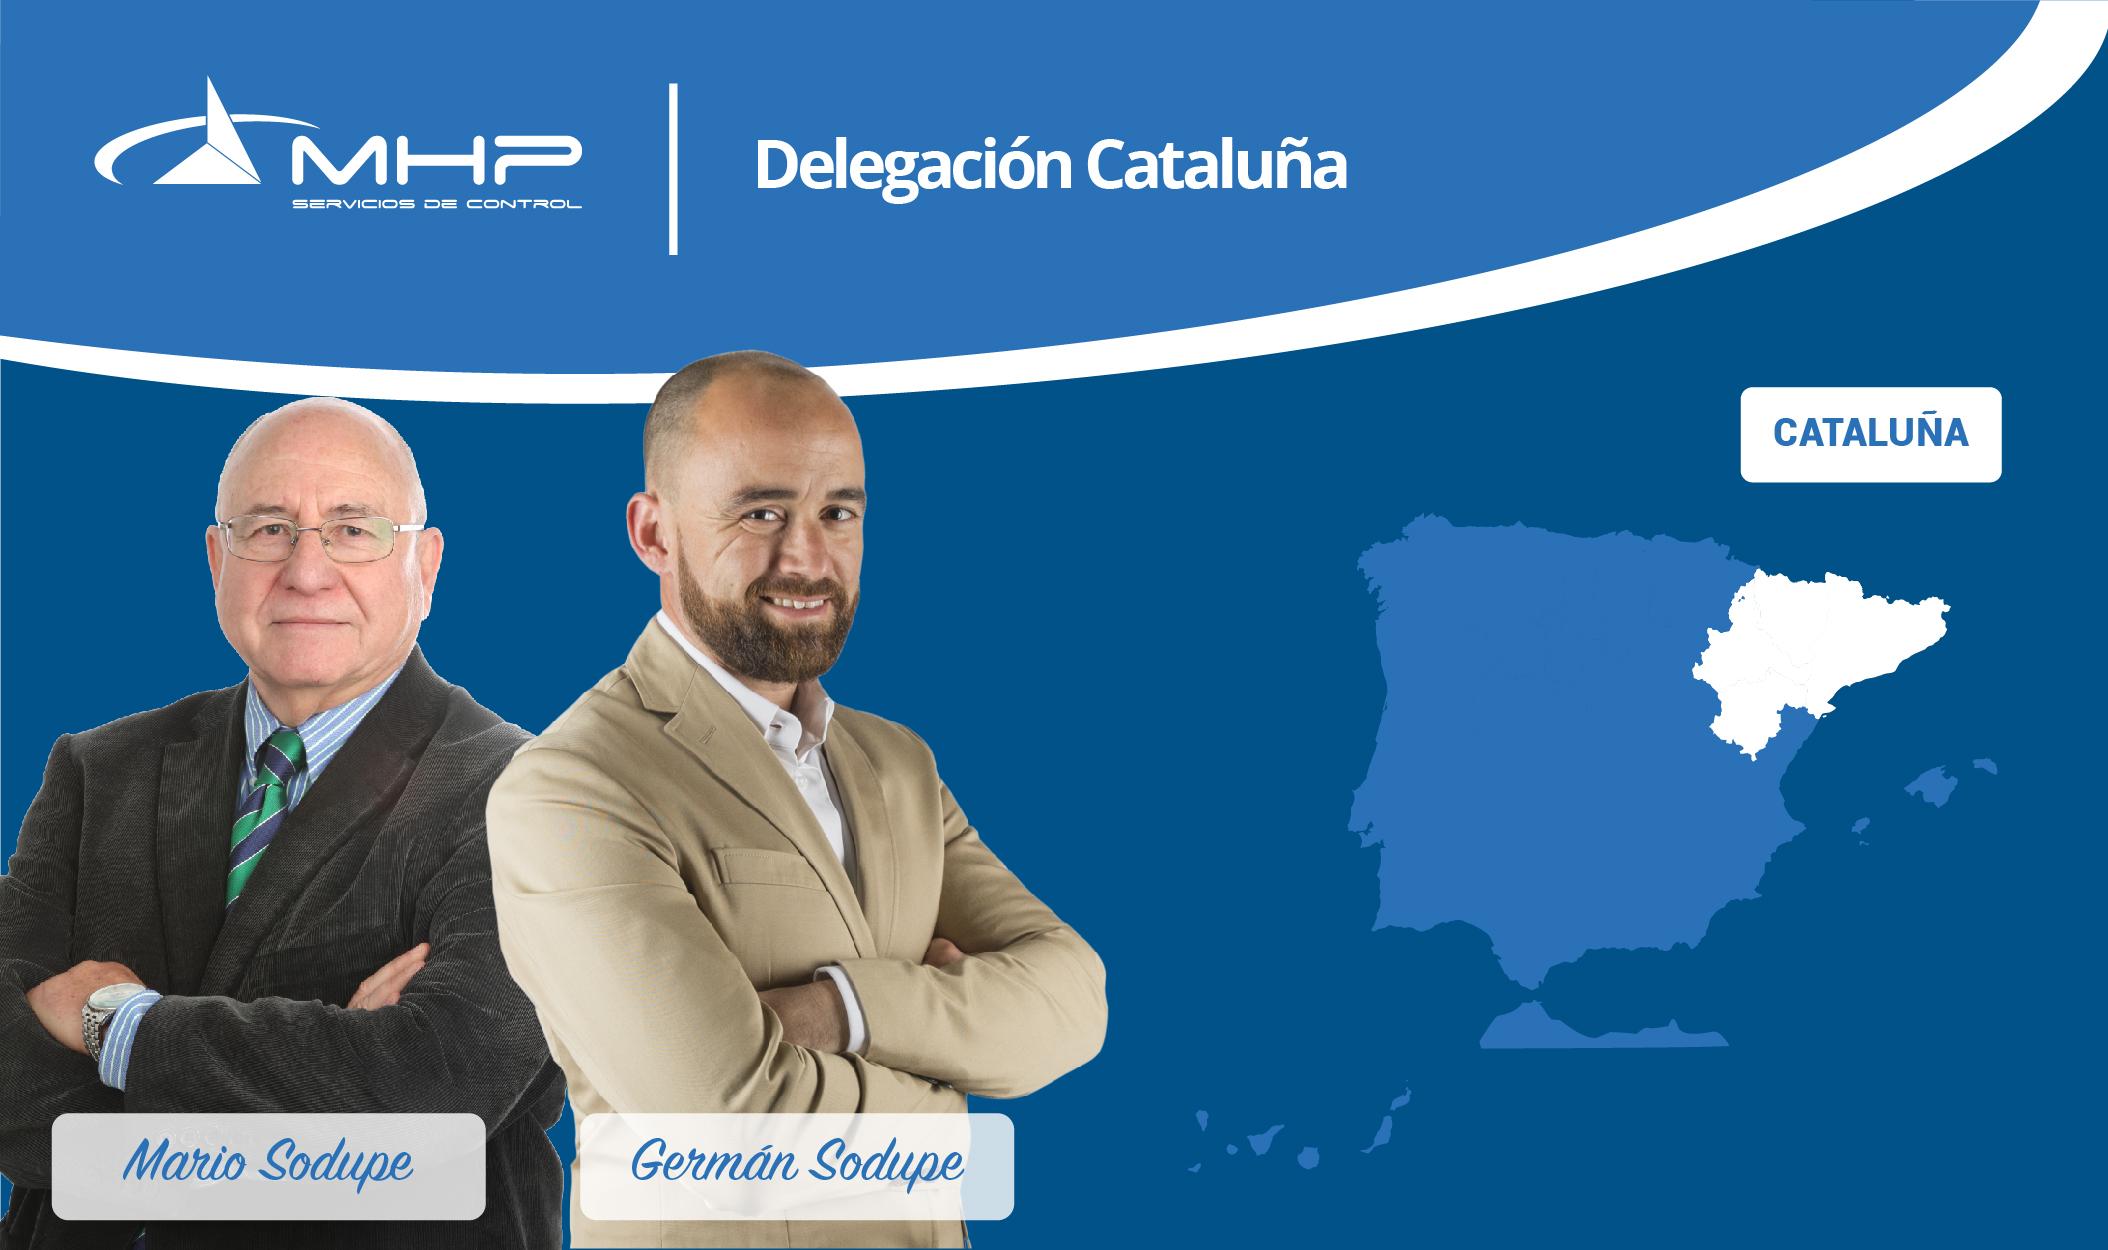 Delegación Cataluña - Mario Sodupe y Germán Sodupe